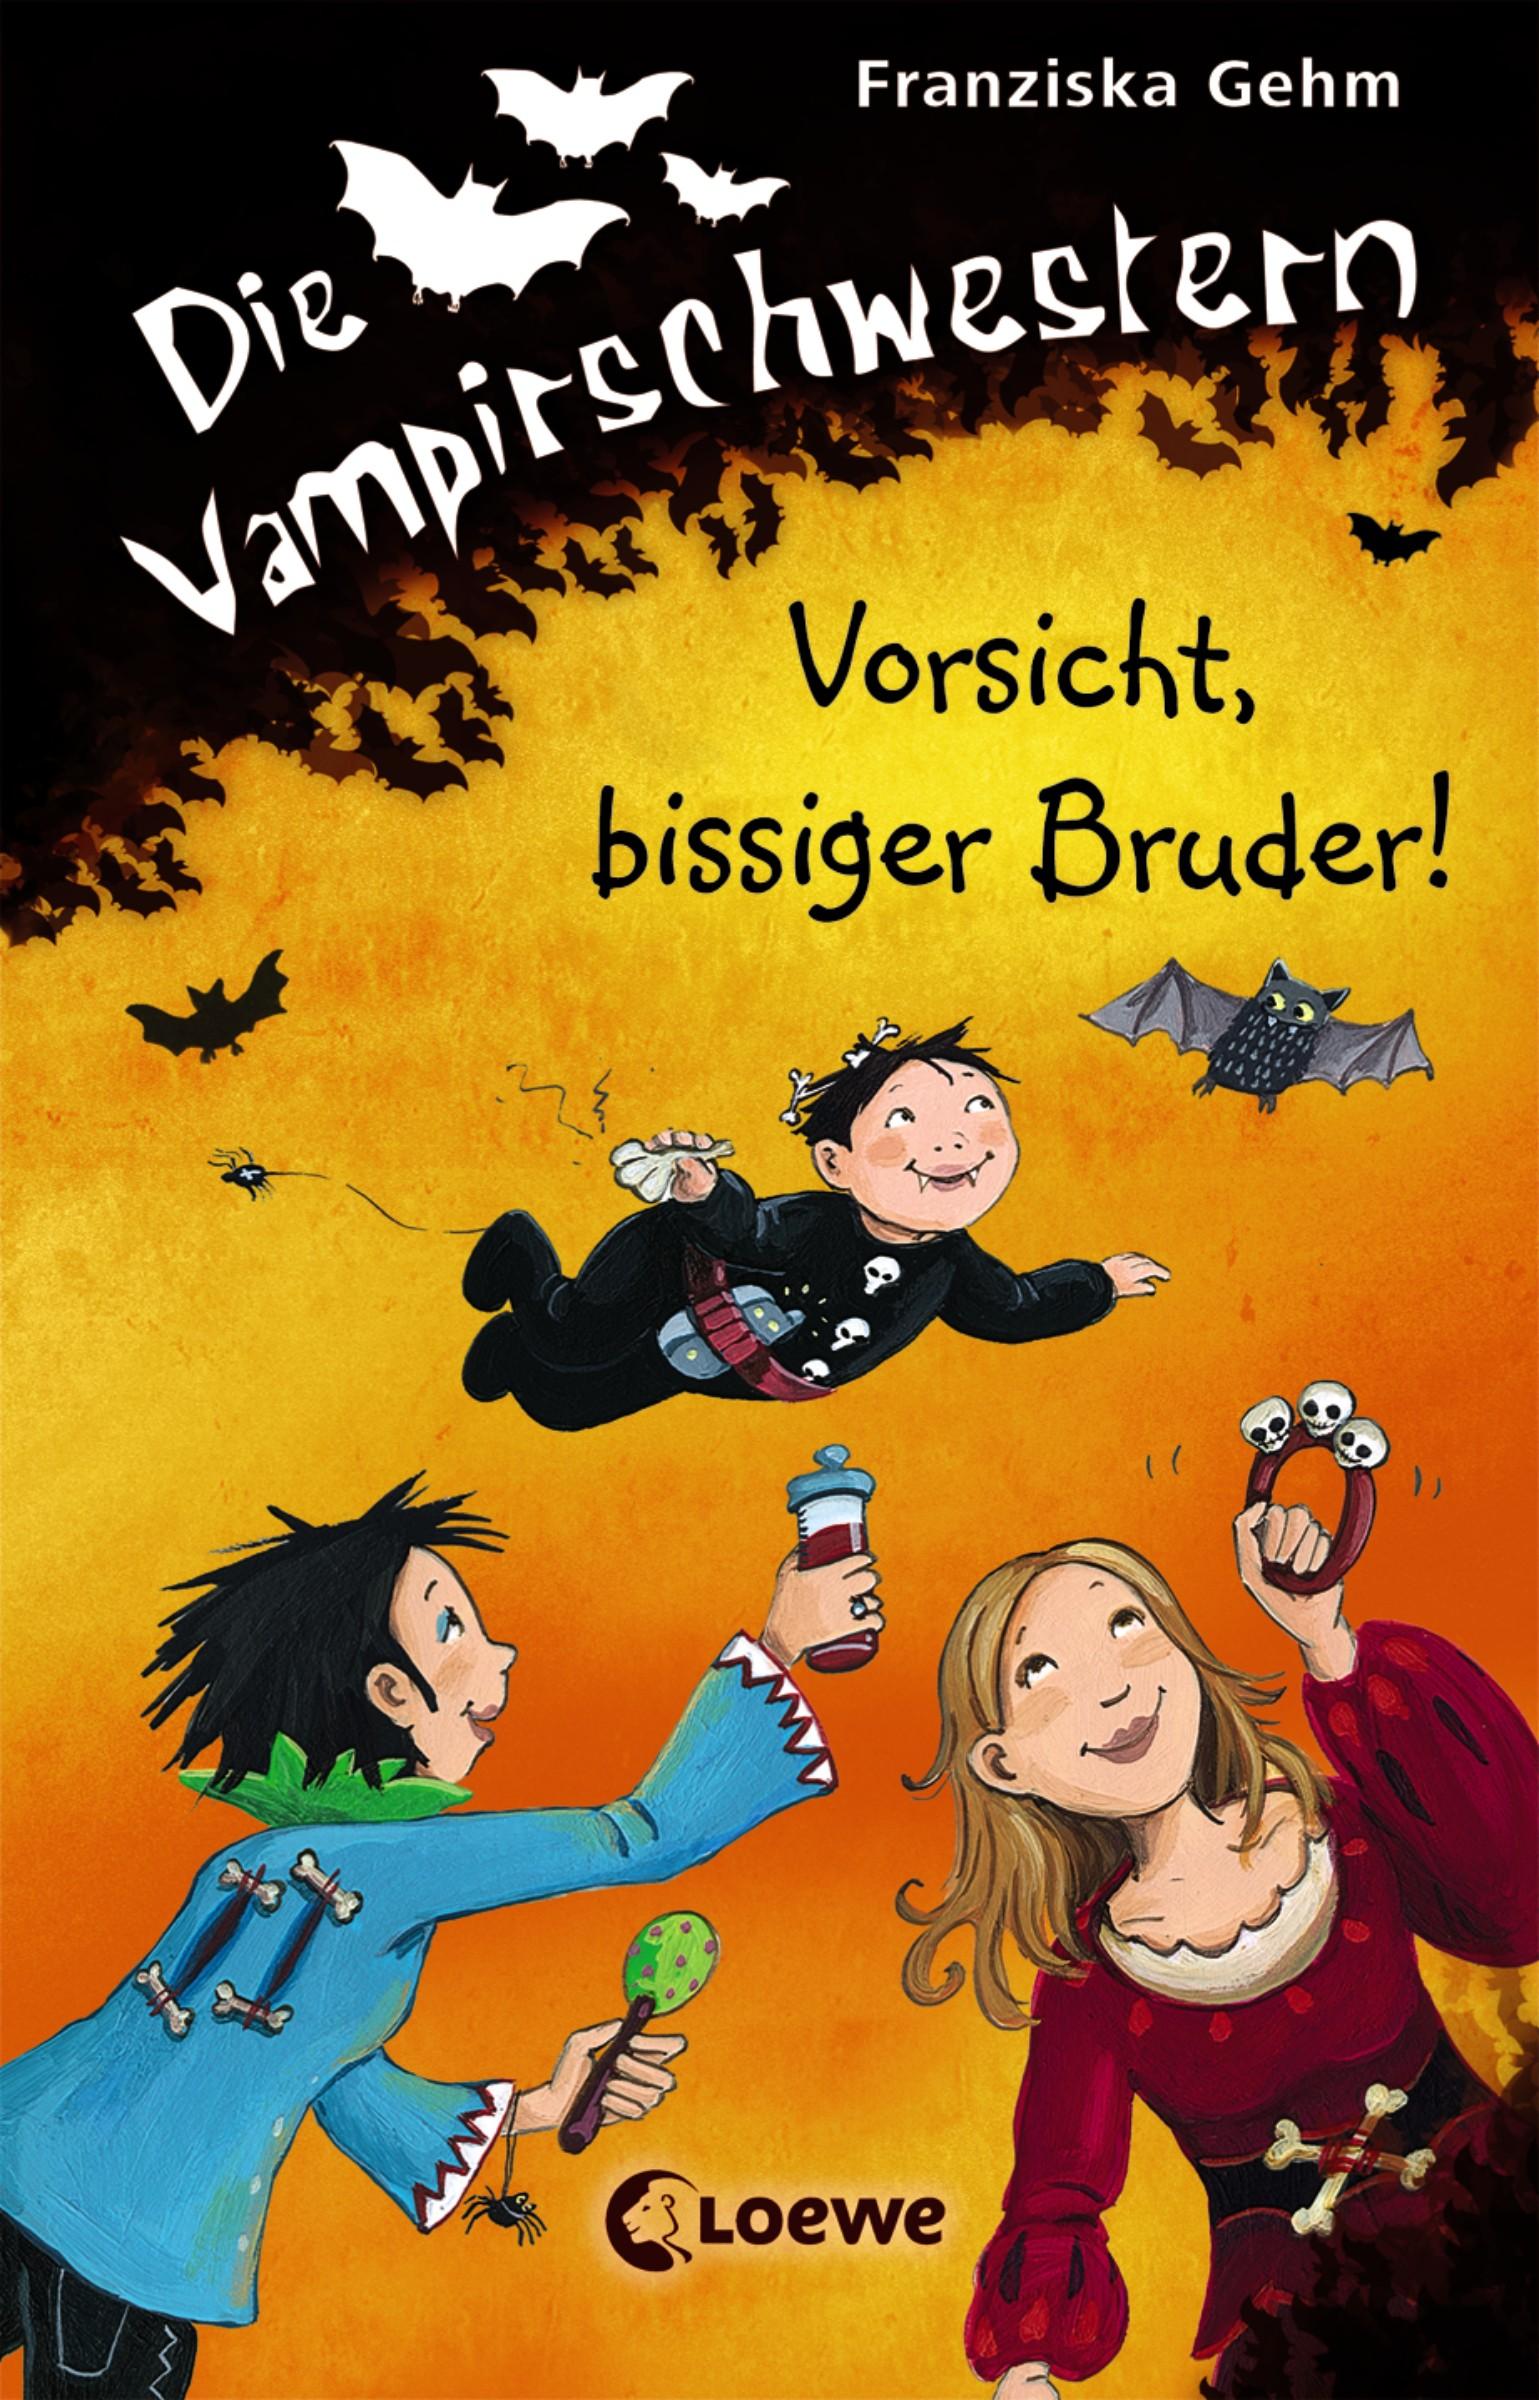 Franziska Gehm Die Vampirschwestern 11 - Vorsicht, bissiger Bruder! alfred hildebrandt die bruder wright